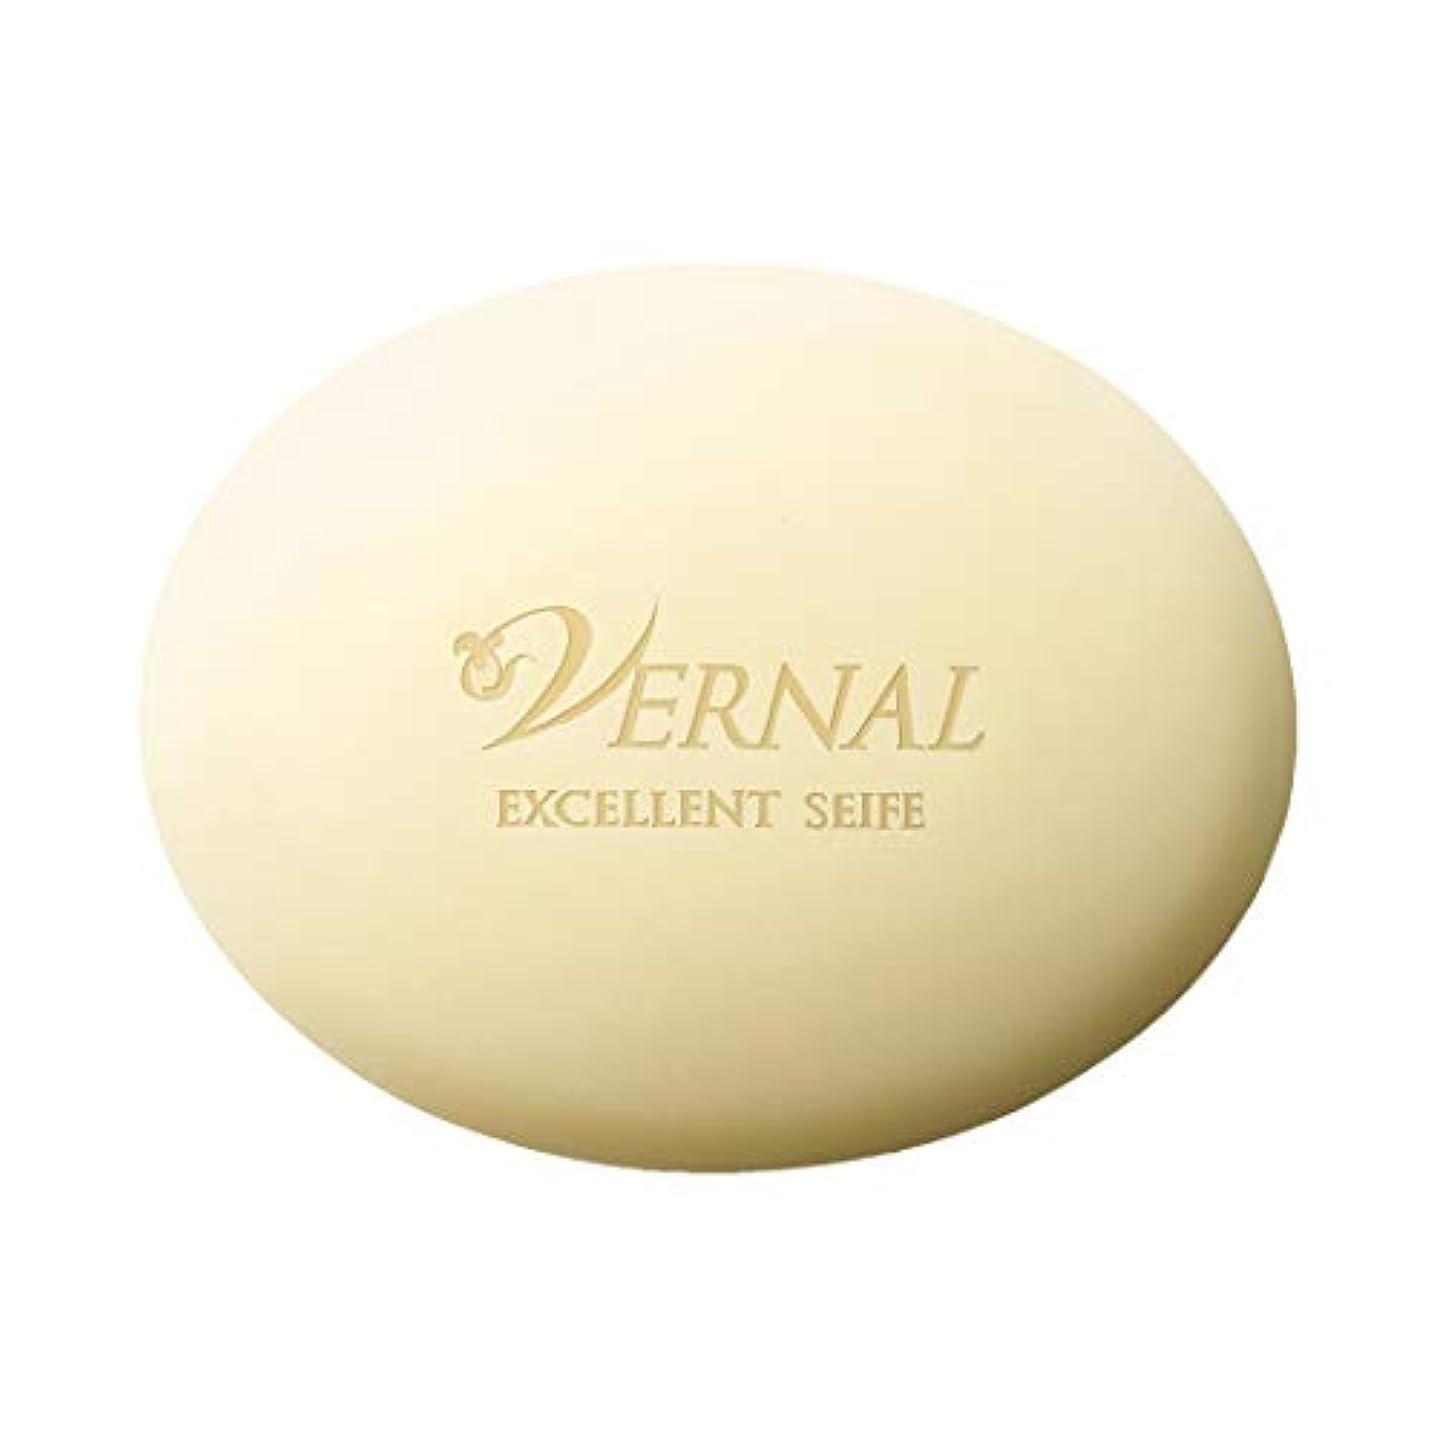 エクセレントザイフ110g/ヴァーナル 洗顔石鹸 仕上げ洗顔